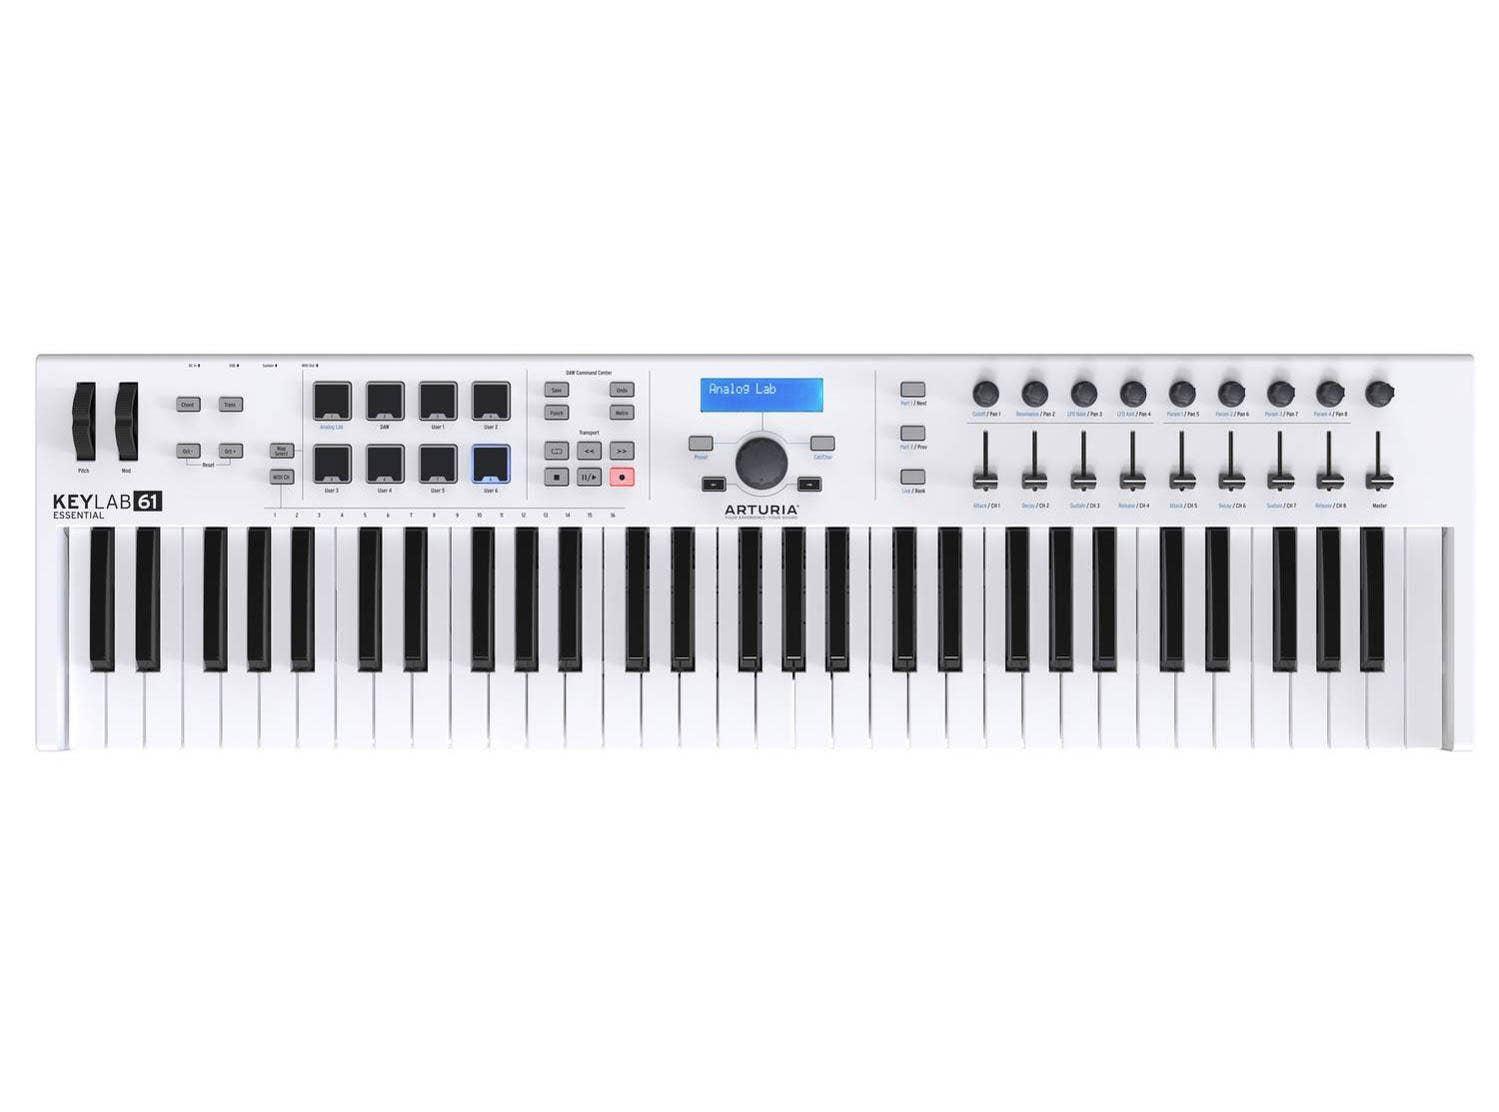 Arturia Keylab 61 Essential MIDI Controller